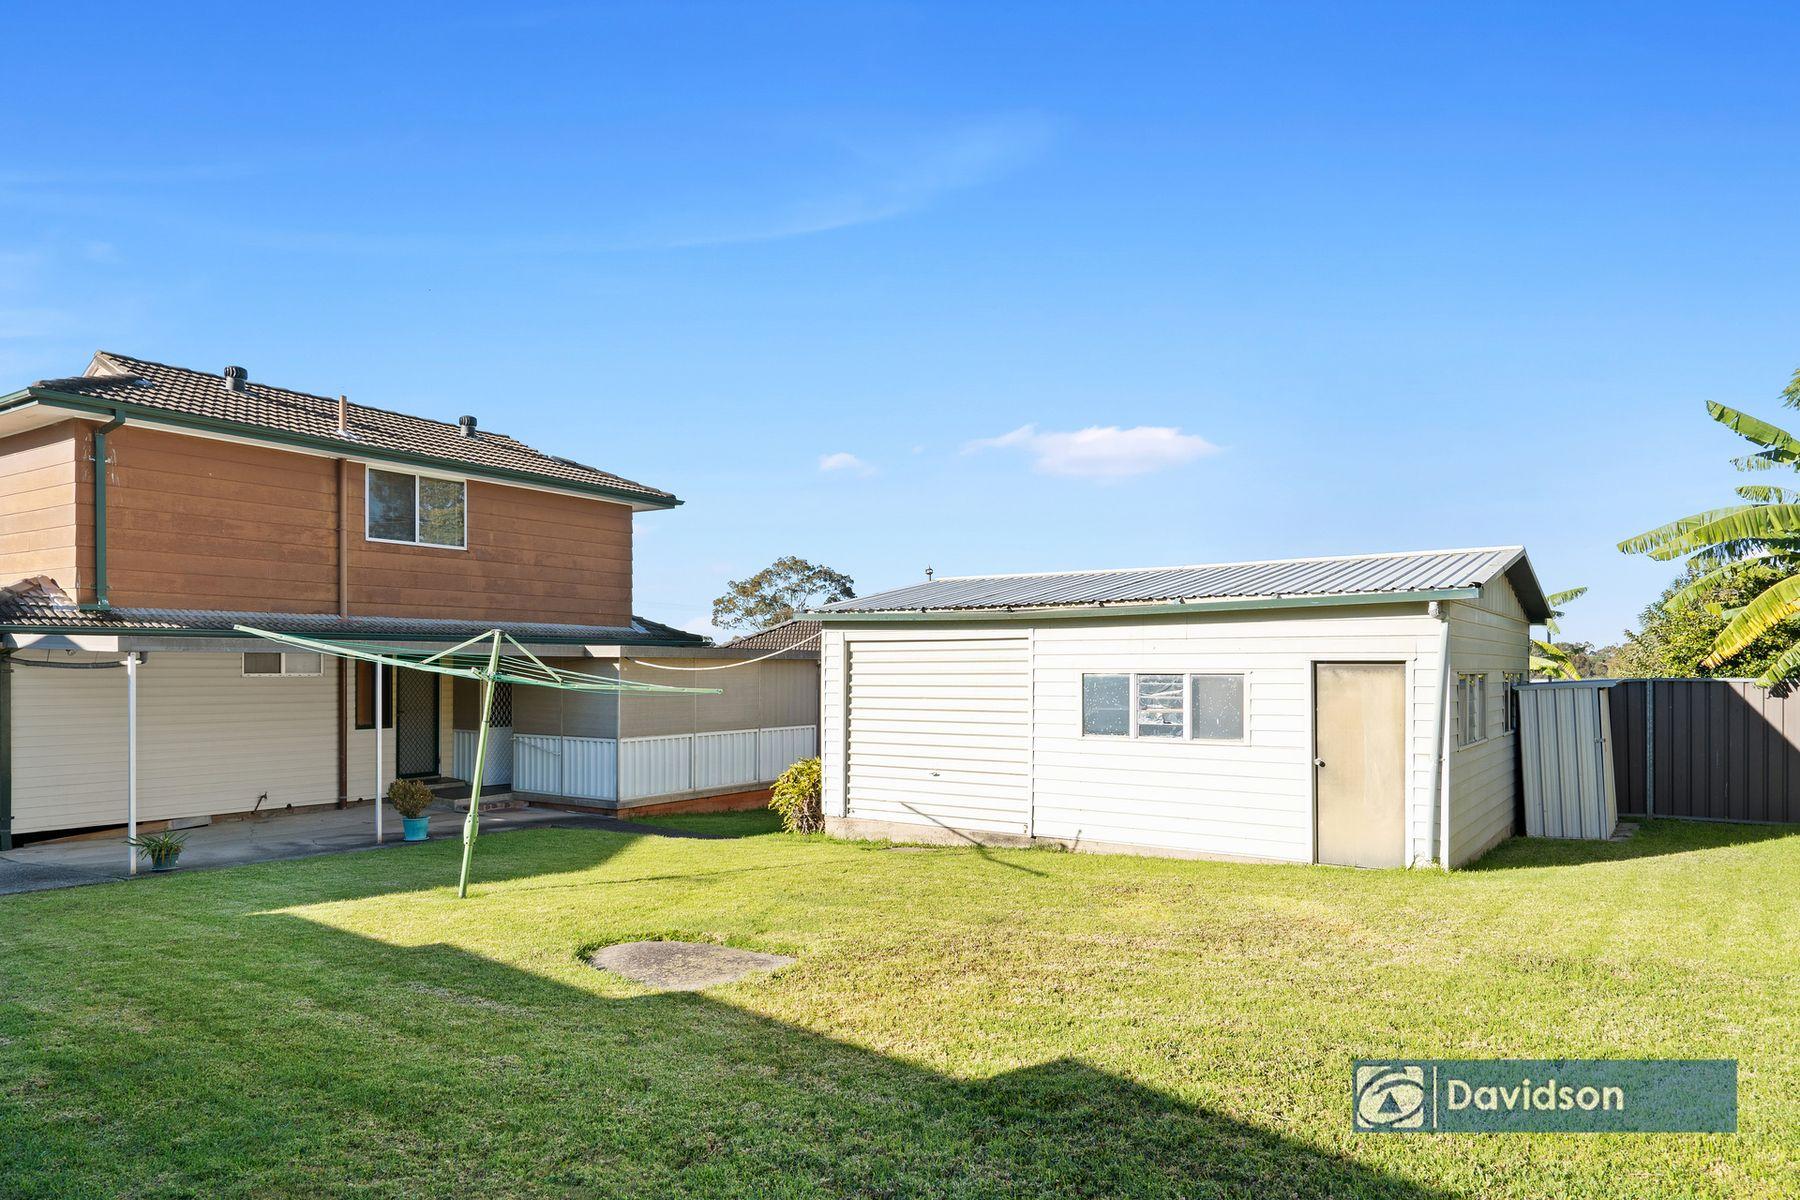 23 Merino Street, Miller, NSW 2168